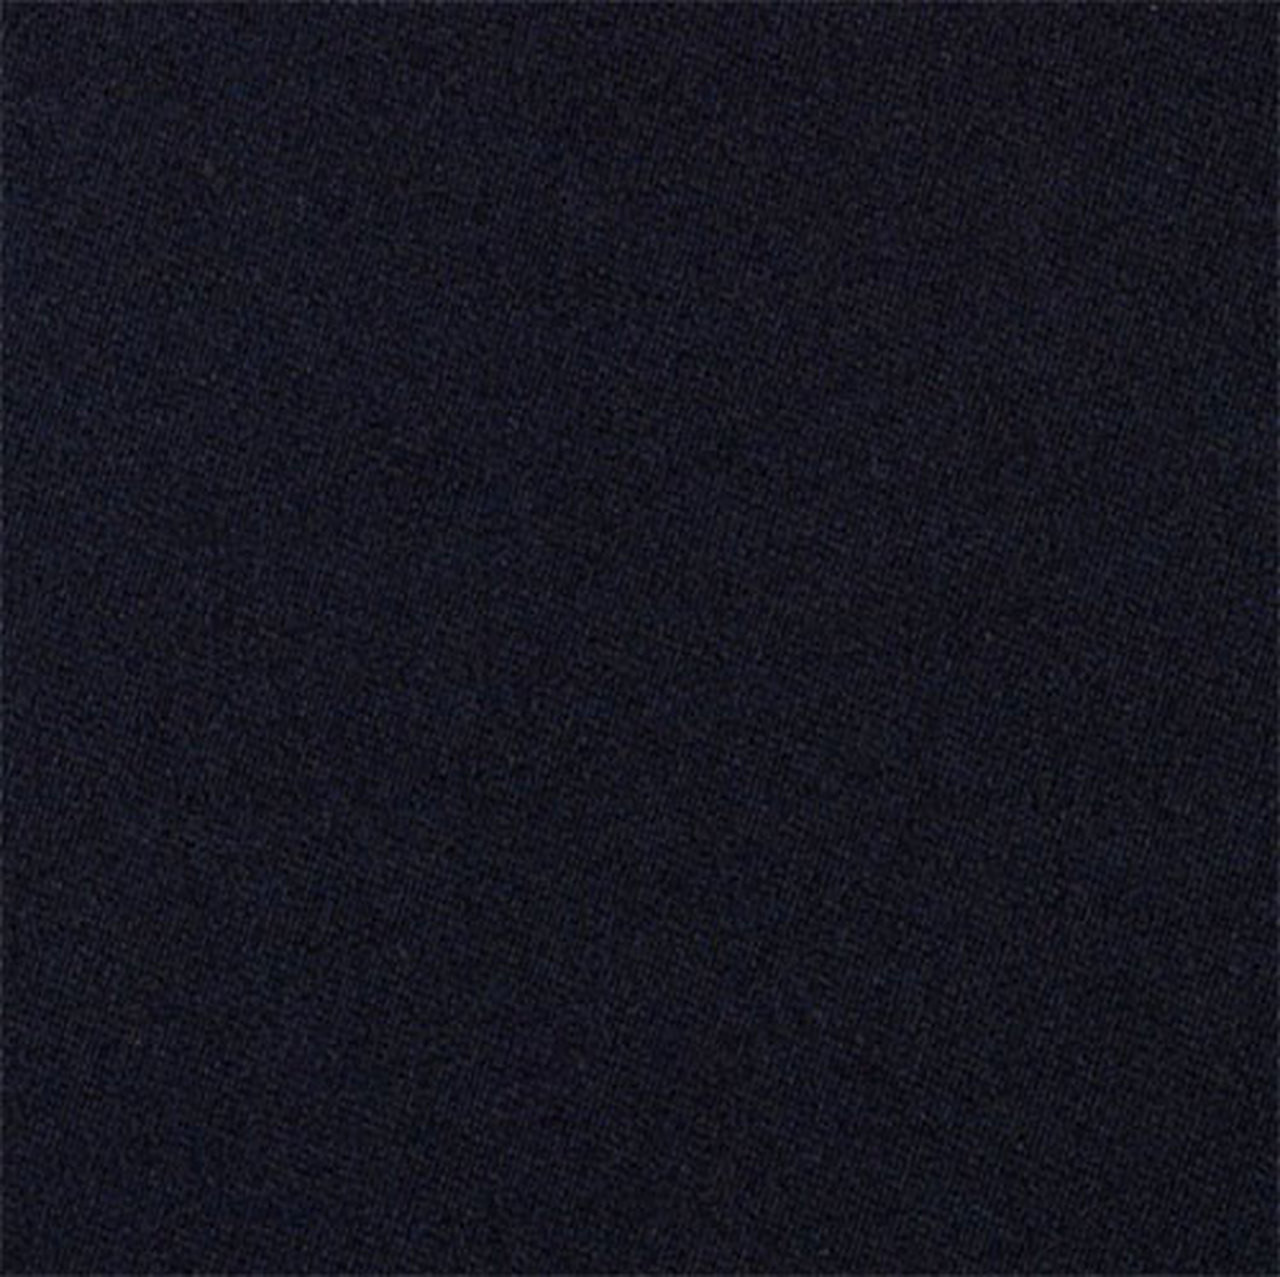 Simonis 860 Marine Blue Pool Table Felt - 9ft